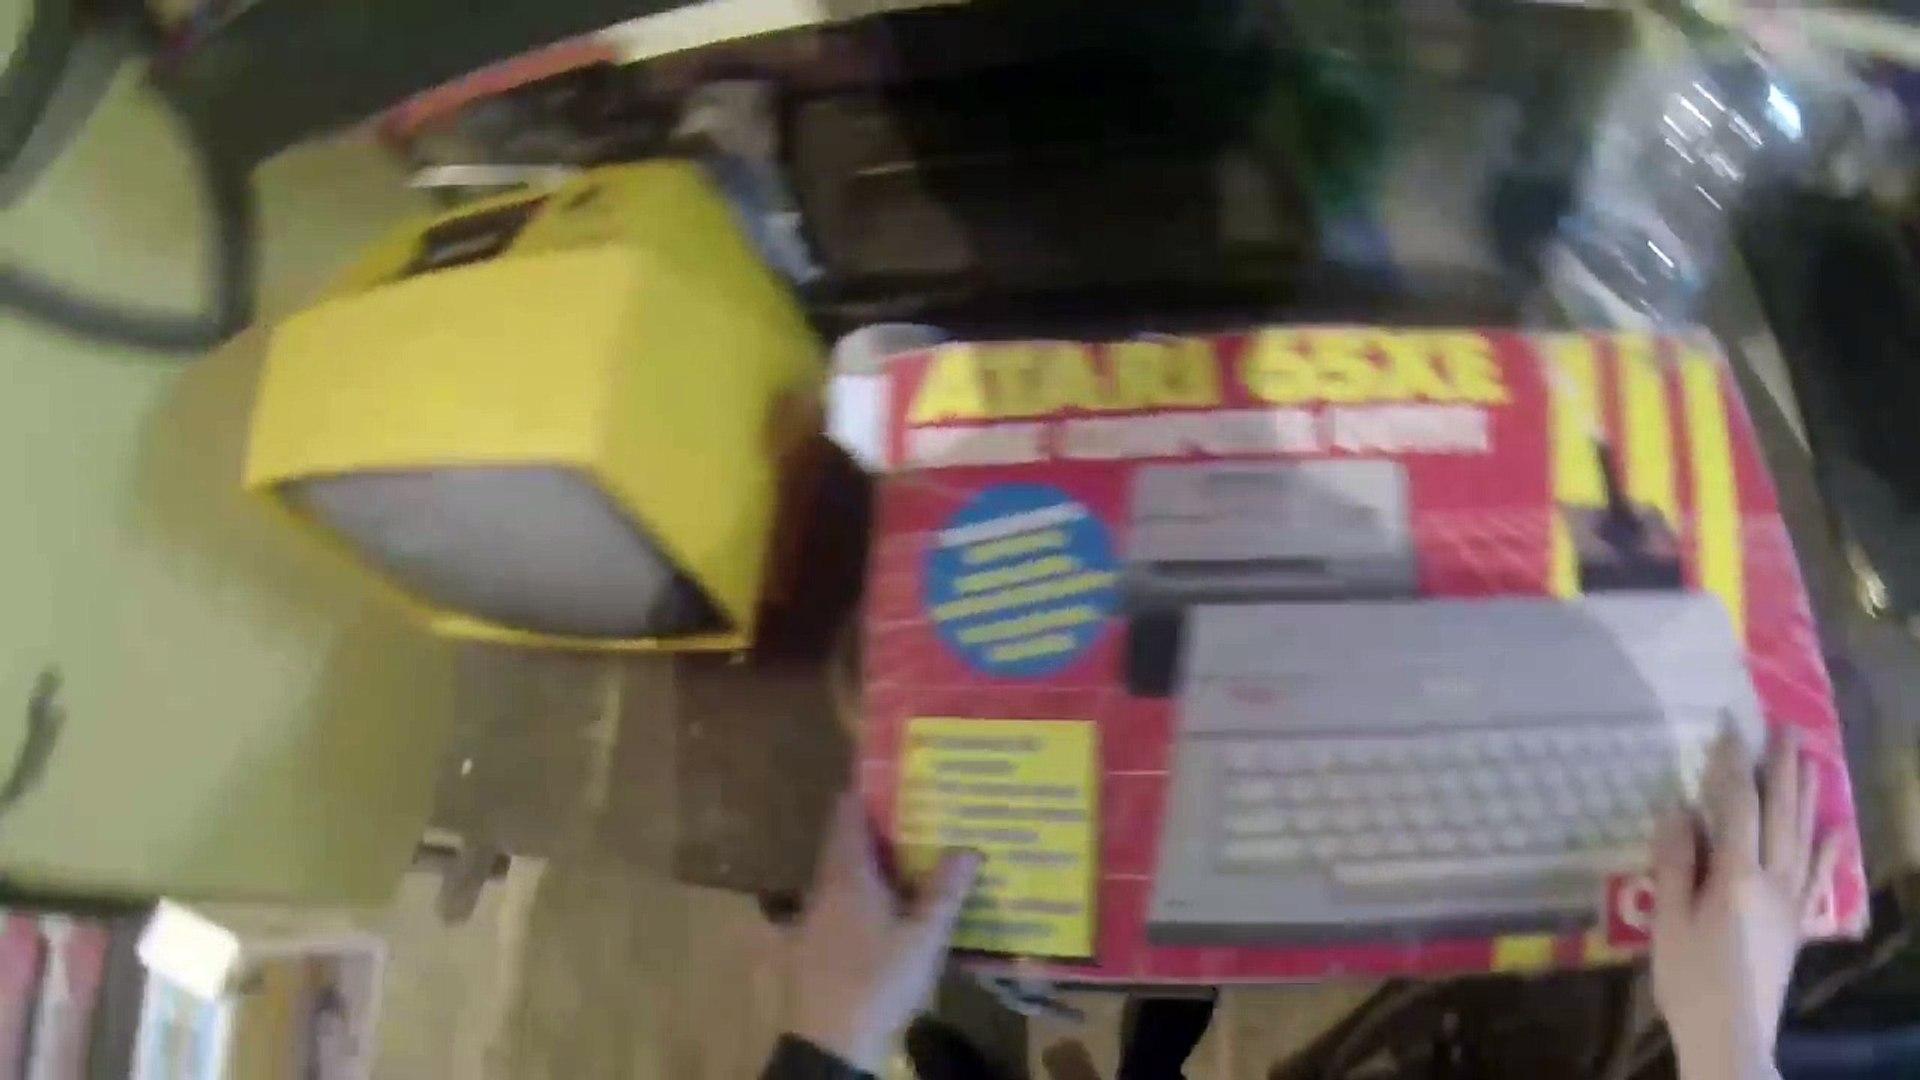 Piwnica ze skarbami cz1. Stary Komputer, Commodore 64, Atari 65xe, Amiga, Atari ST, ZX Spectrum